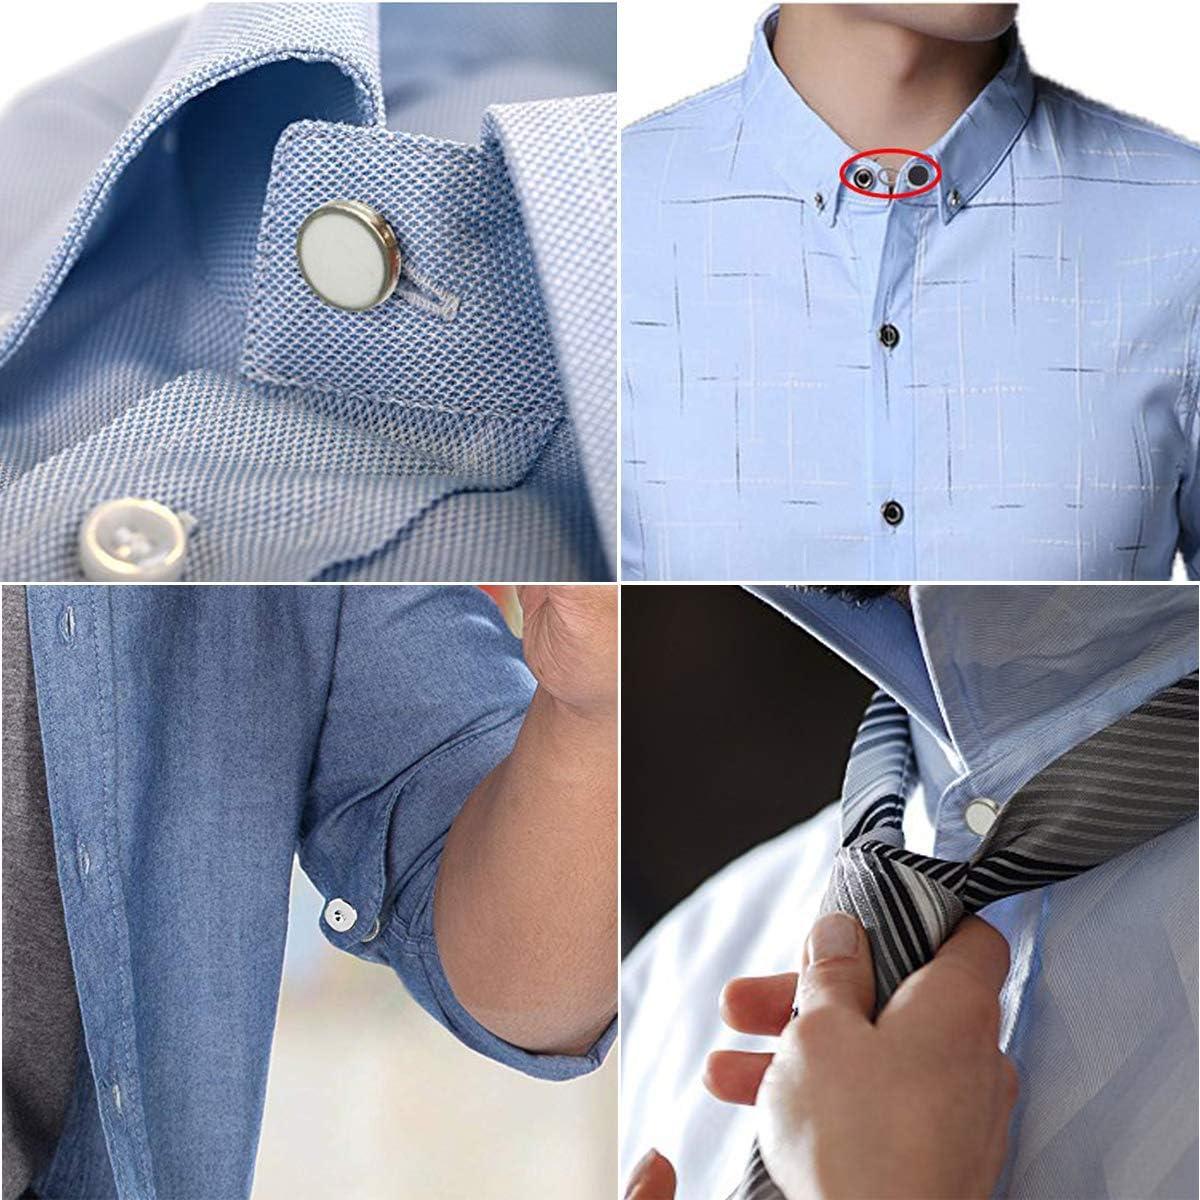 18 extensores de cuello de camisa, extensores de botón elástico de cintura GreeStore para puños, vestidos, pantalones vaqueros (blanco, negro y ...